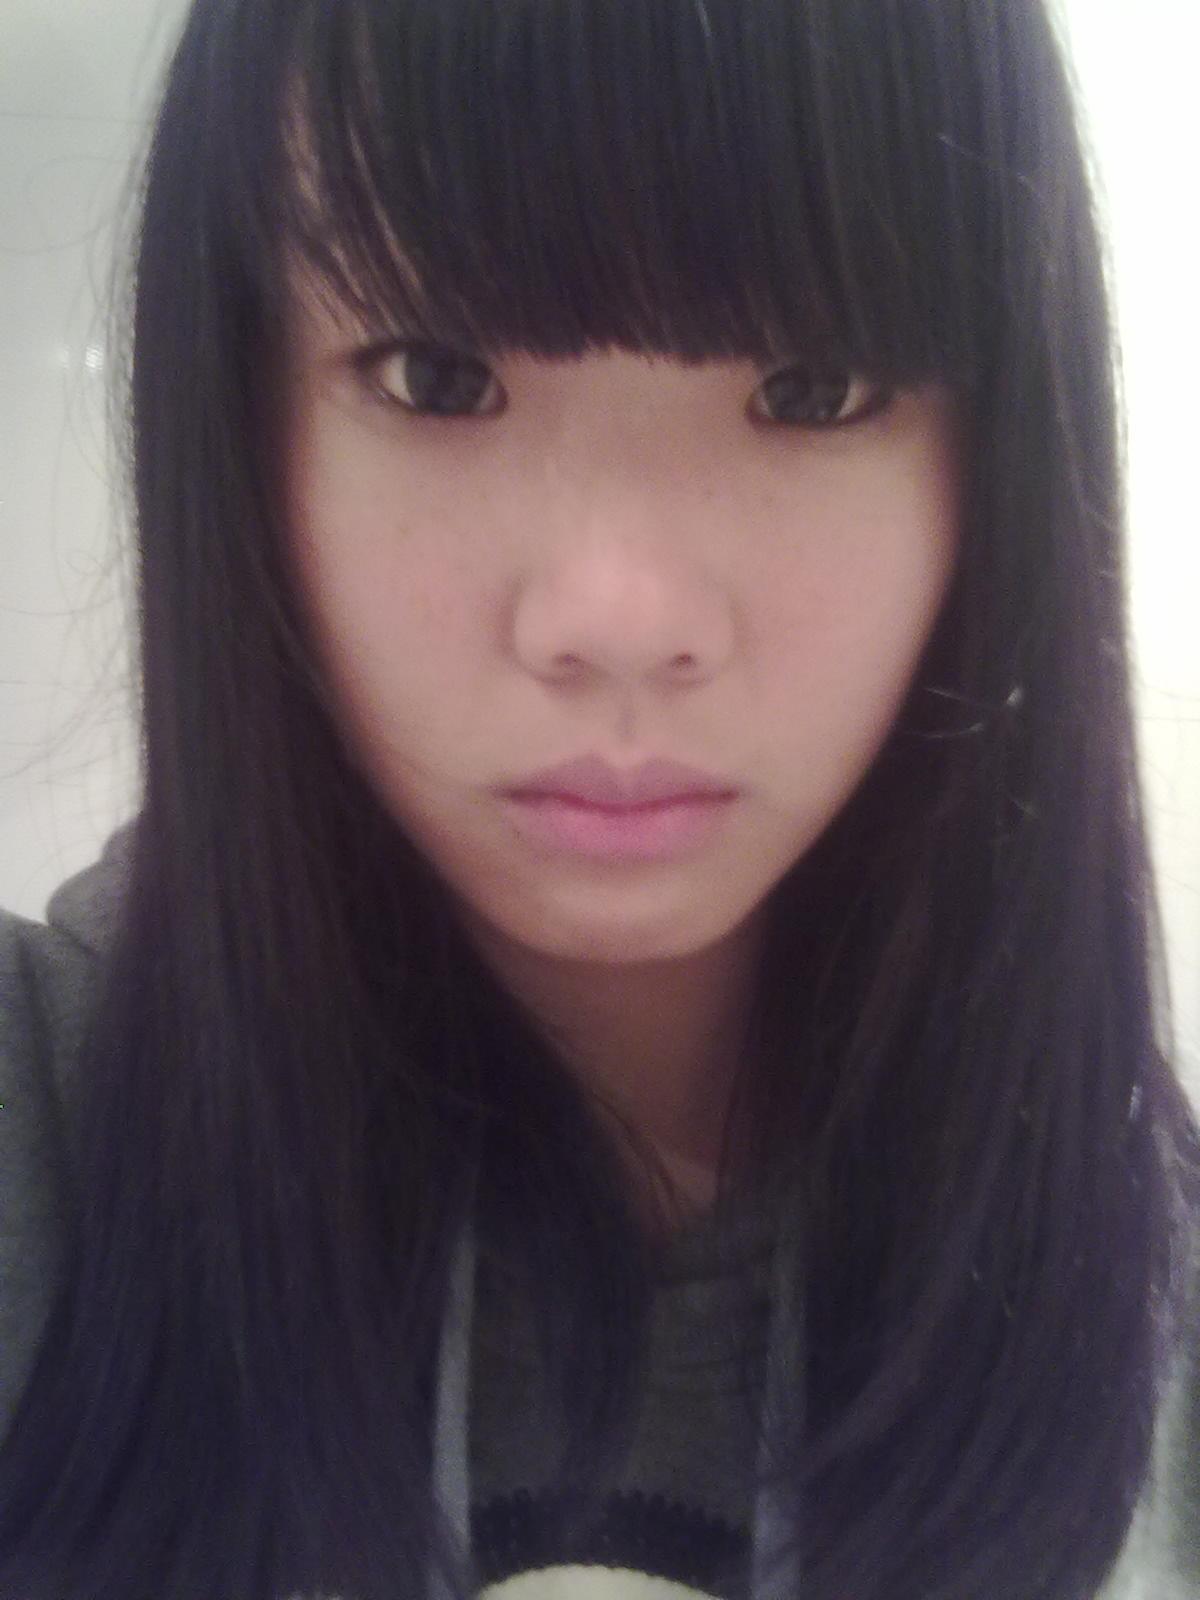 求几张漂亮的初中女生照片,发576811583@qq.com,谢谢!